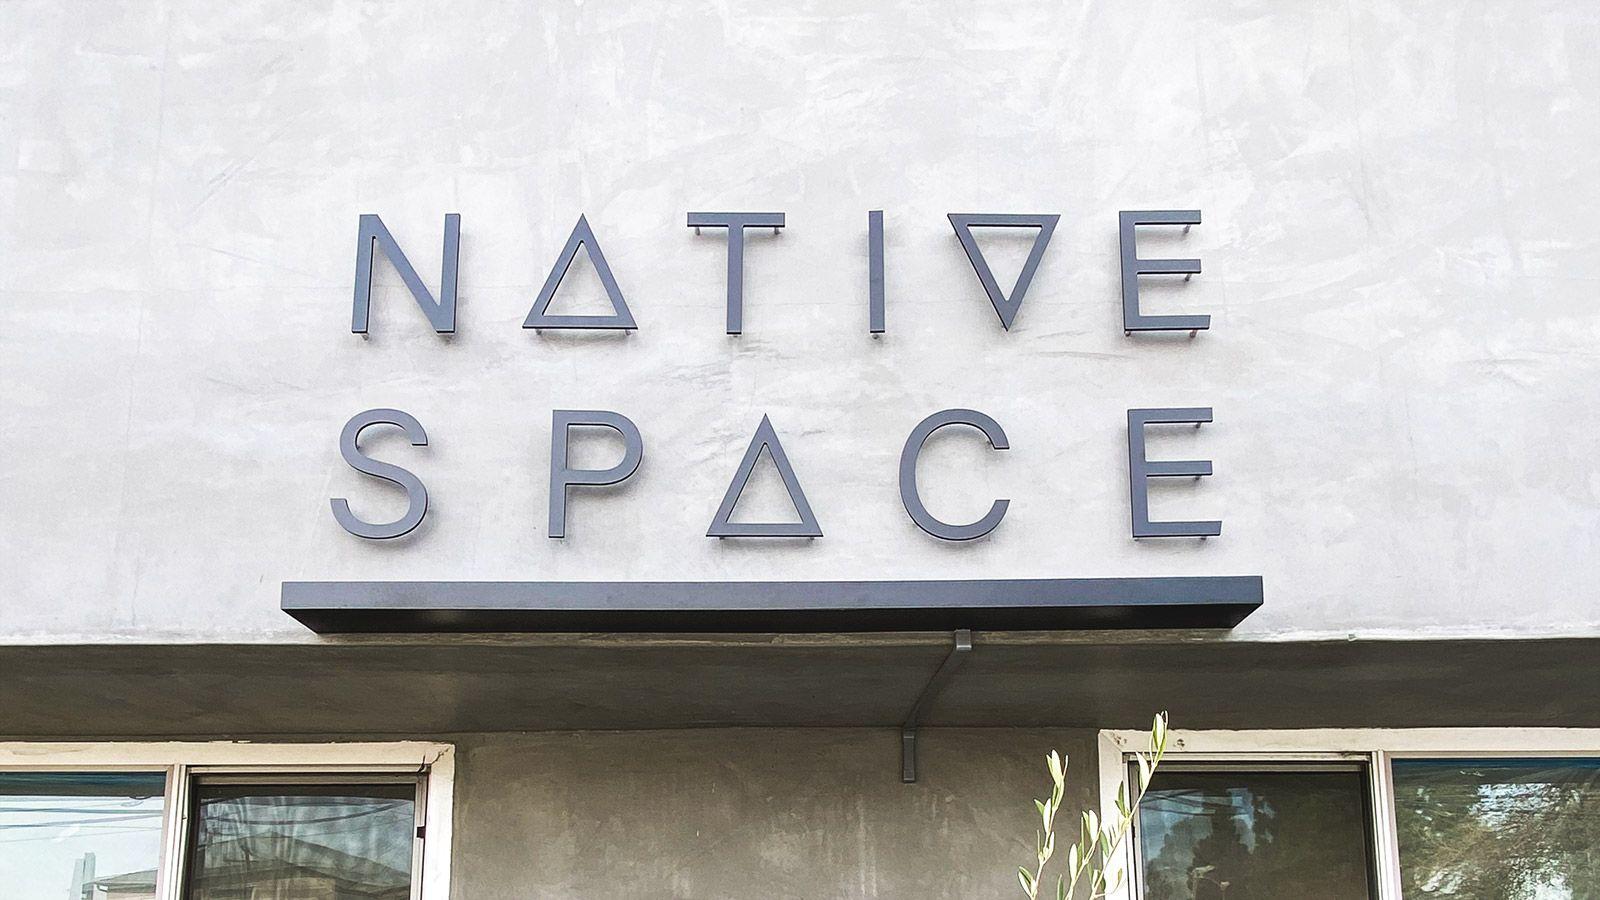 Native Space aluminum 3D letters